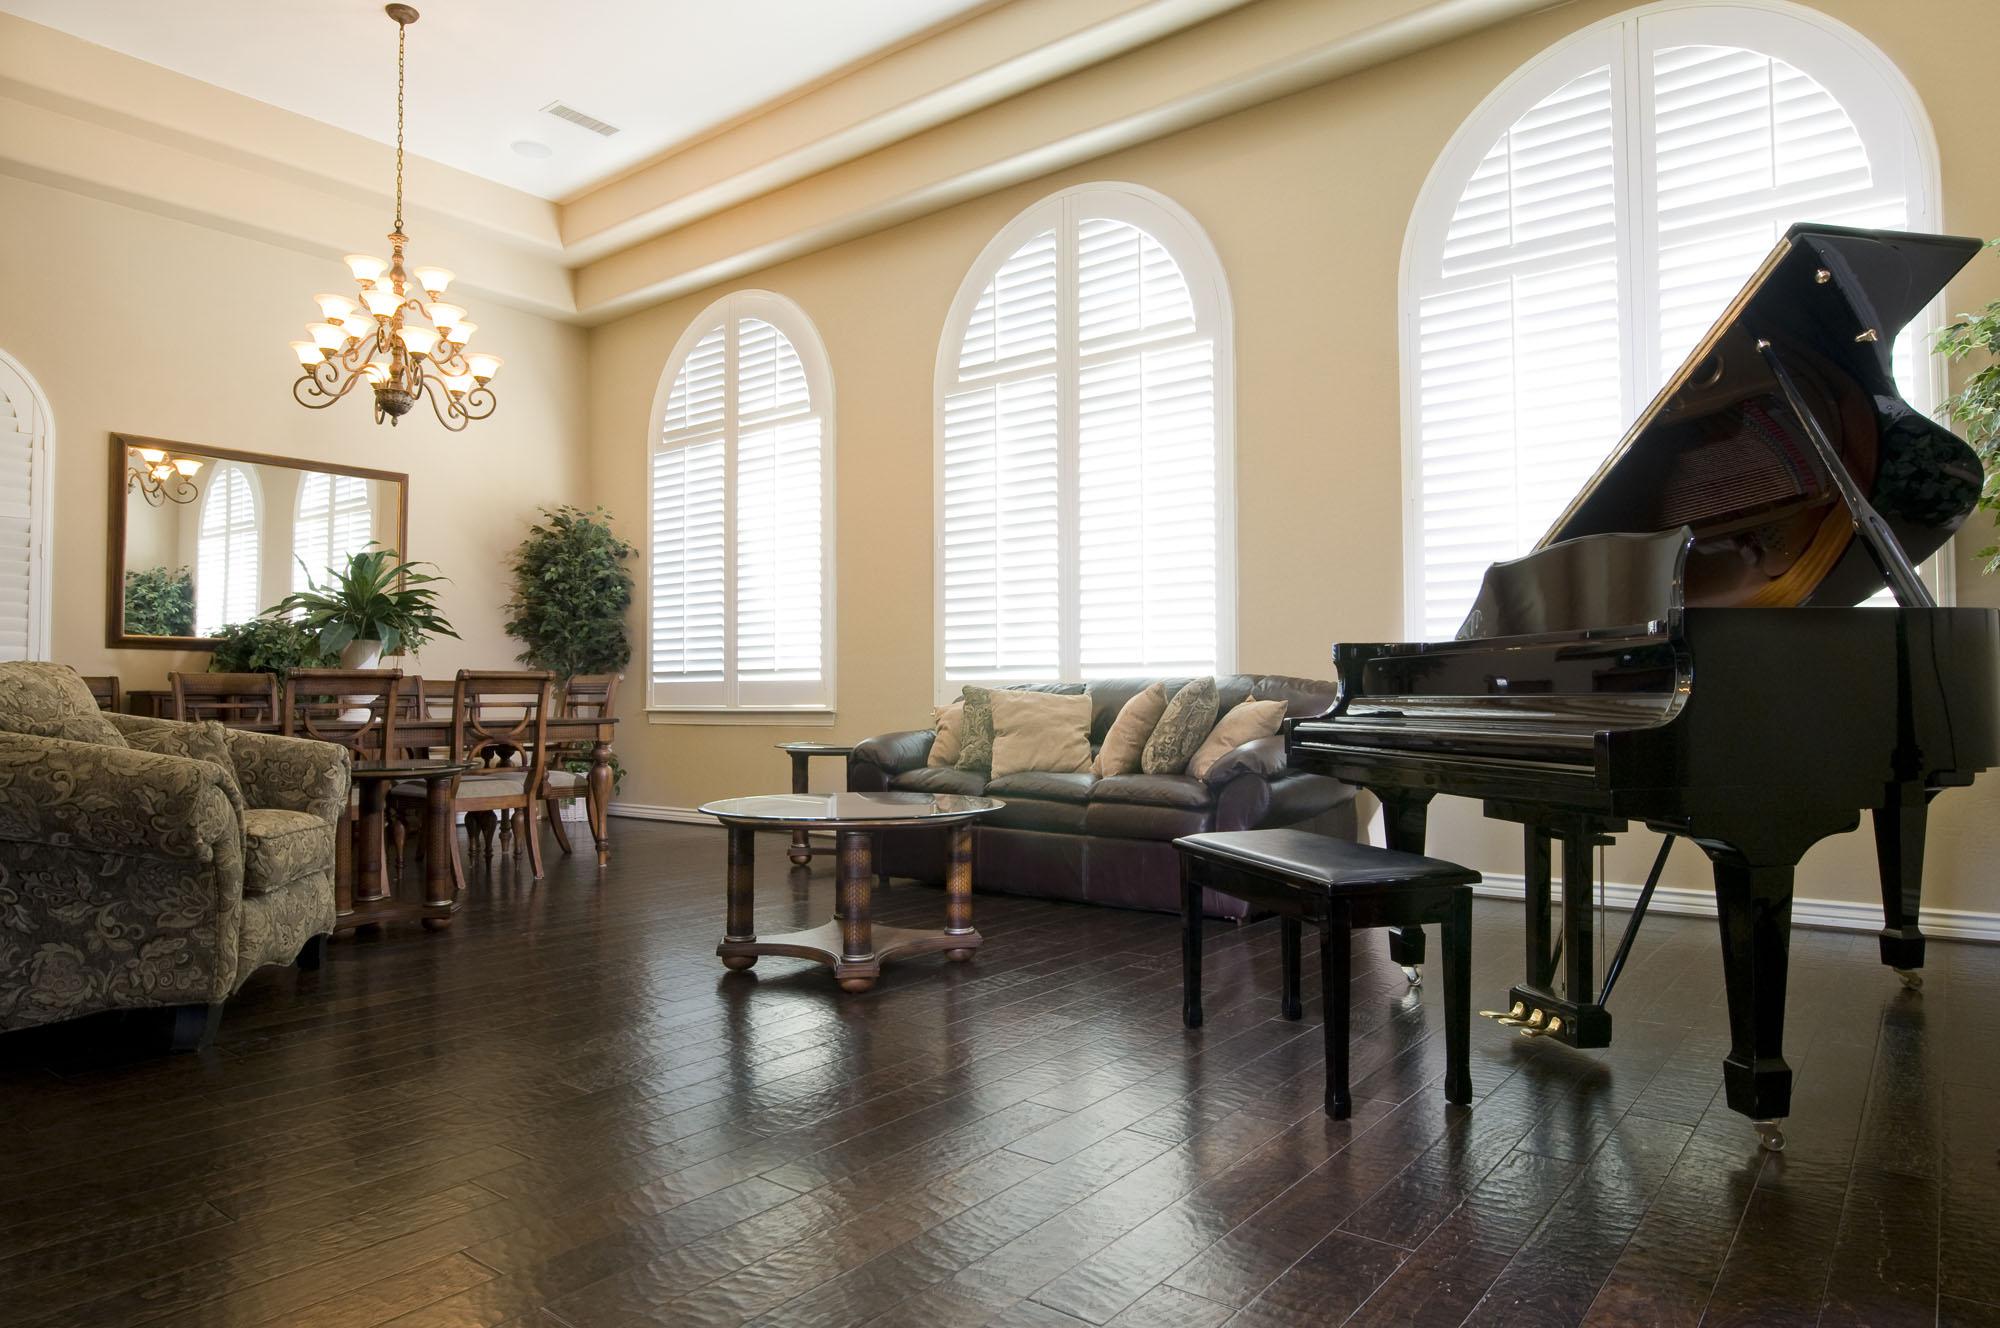 Bondi's Piano Service - Appraisals